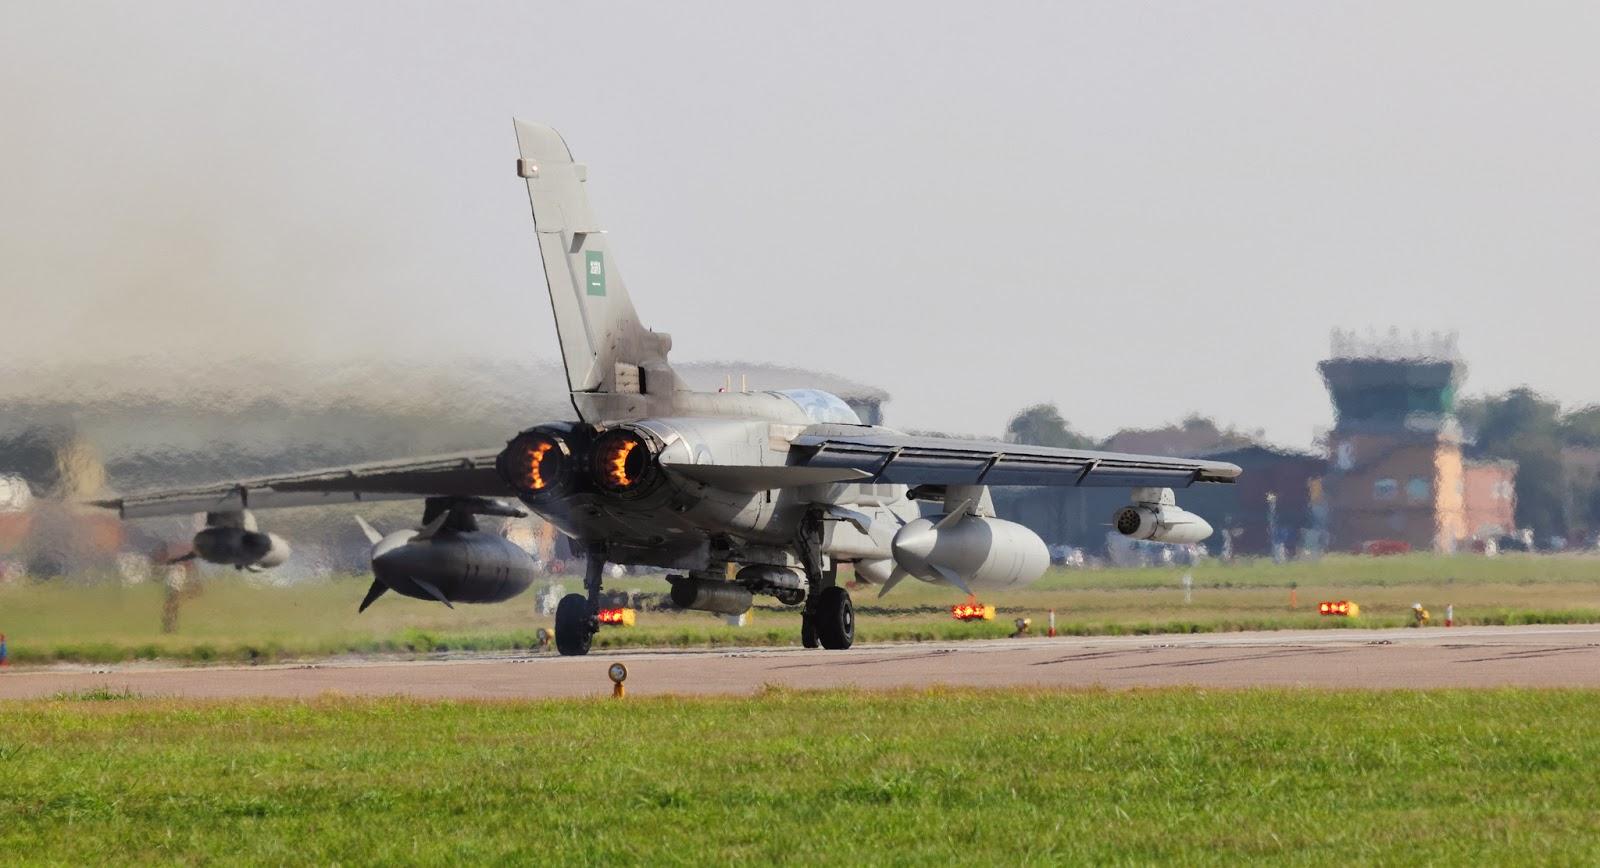 الموسوعه الفوغترافيه لصور القوات الجويه الملكيه السعوديه ( rsaf ) - صفحة 6 Saudi+Tornado+Fighter+Jet+Royal+Saudi+Air+Force+(RSAF)+Panavia+Tornado+IDS++(3)